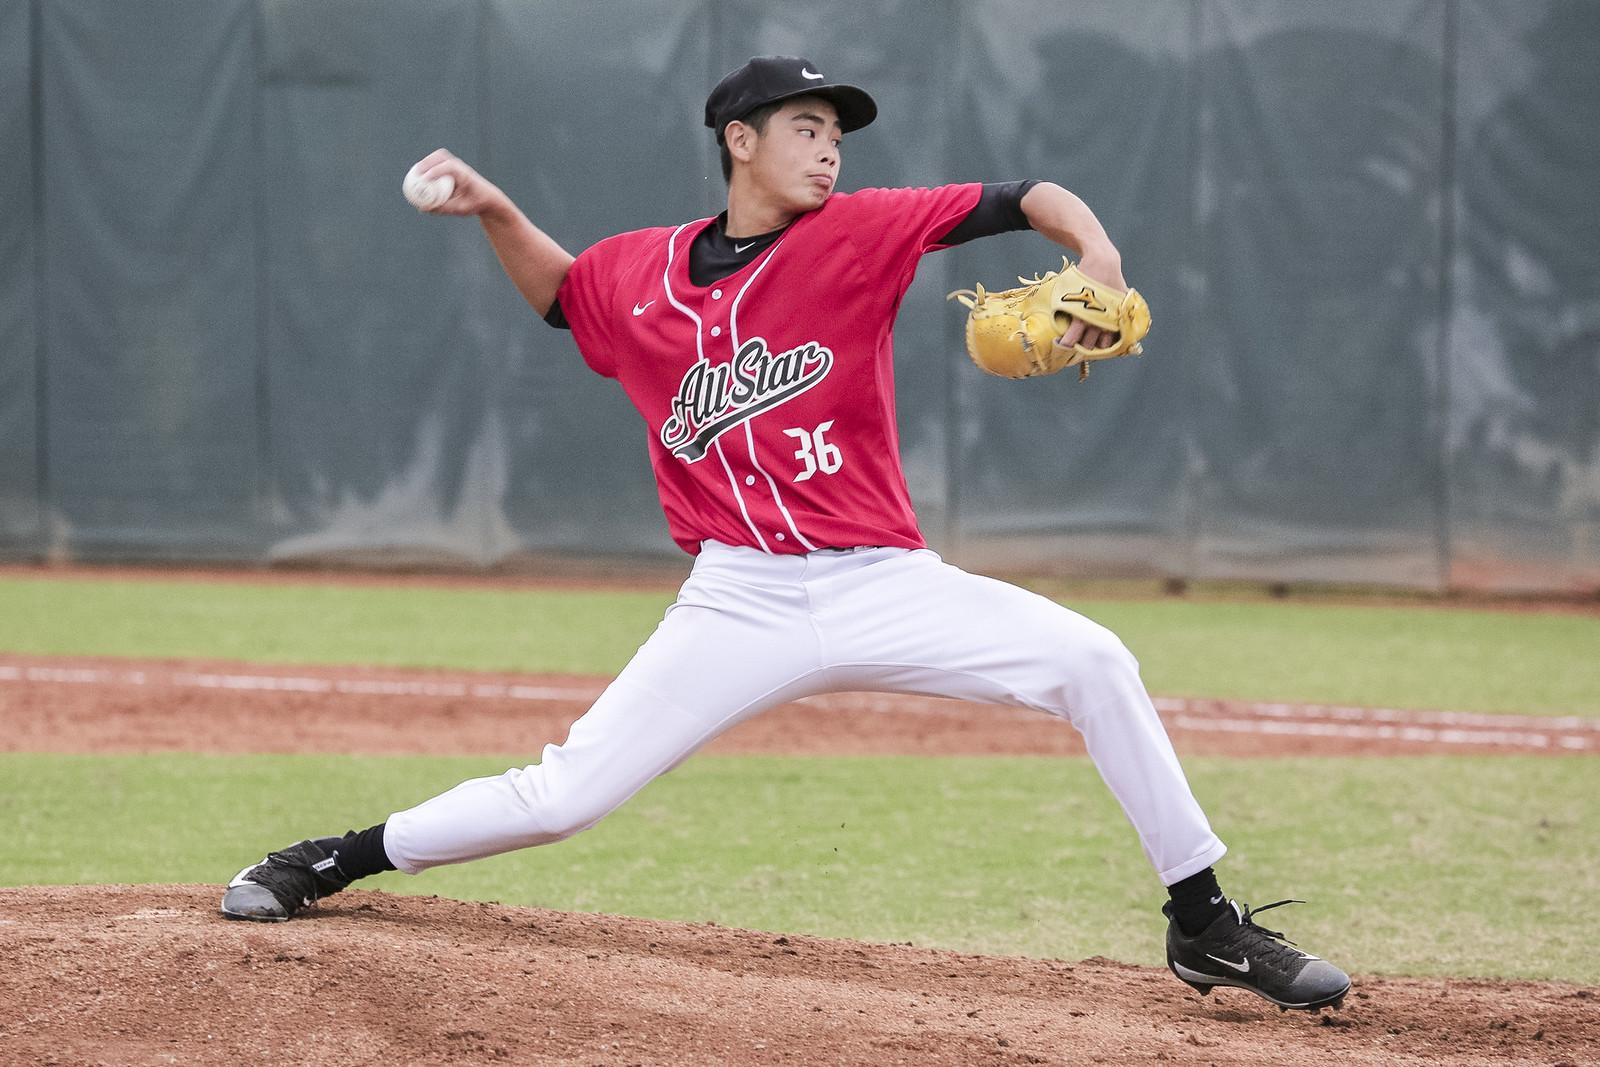 5-1. 獲選2017 Nike台灣青棒菁英棒球訓練營最有價值球員的陳柏毓,在去年便以唯一一位國中生的身分參與訓練營,同時也是連兩屆最佳投手得主。